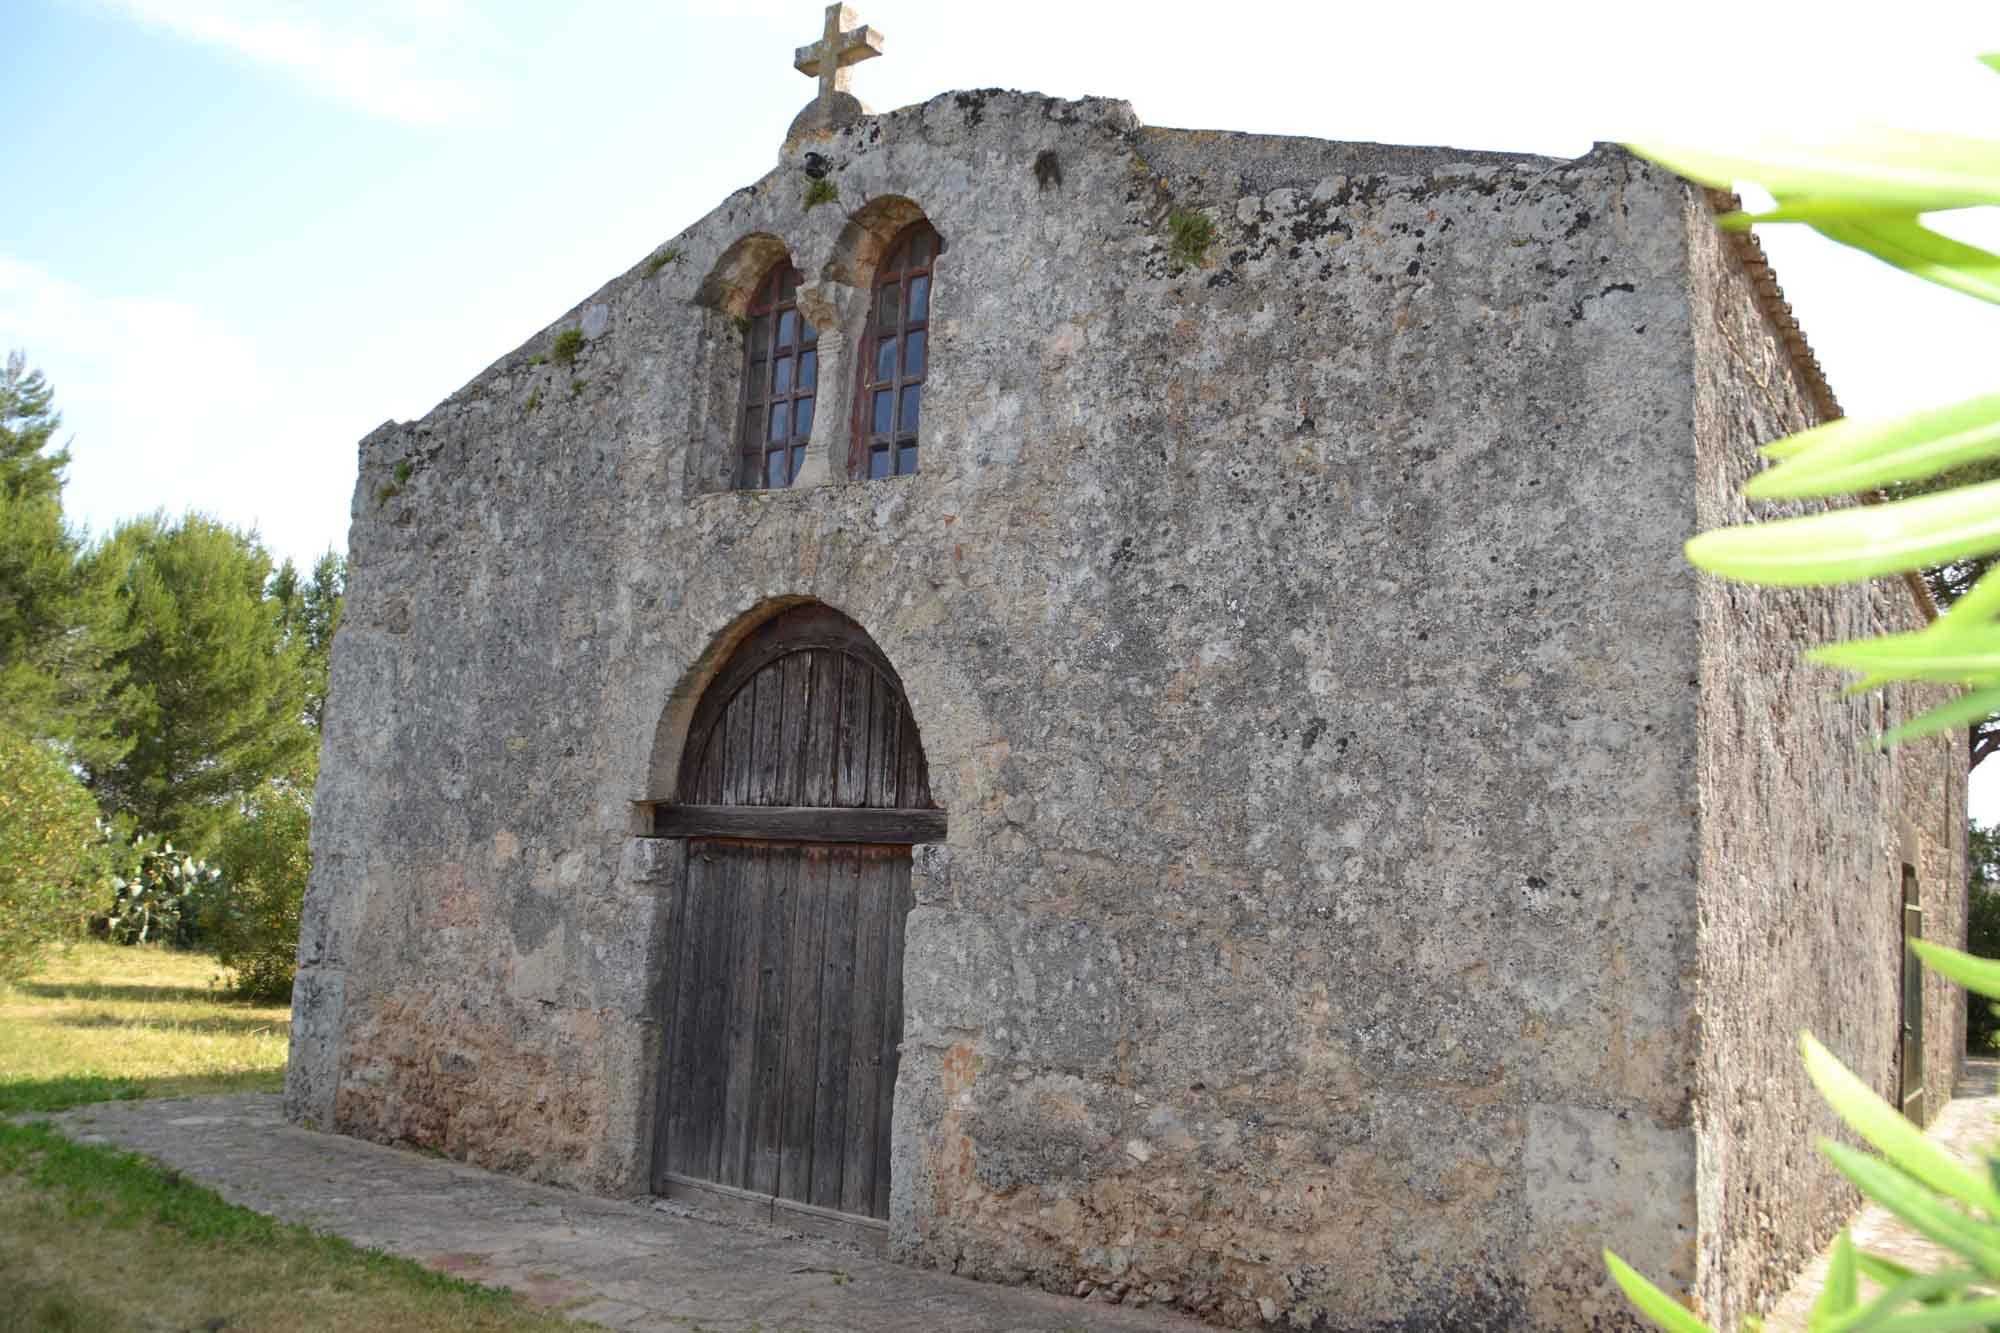 La chiesa di sant eufemia a specchia e il casale di grassano associazione arch s - Comune di specchia ...